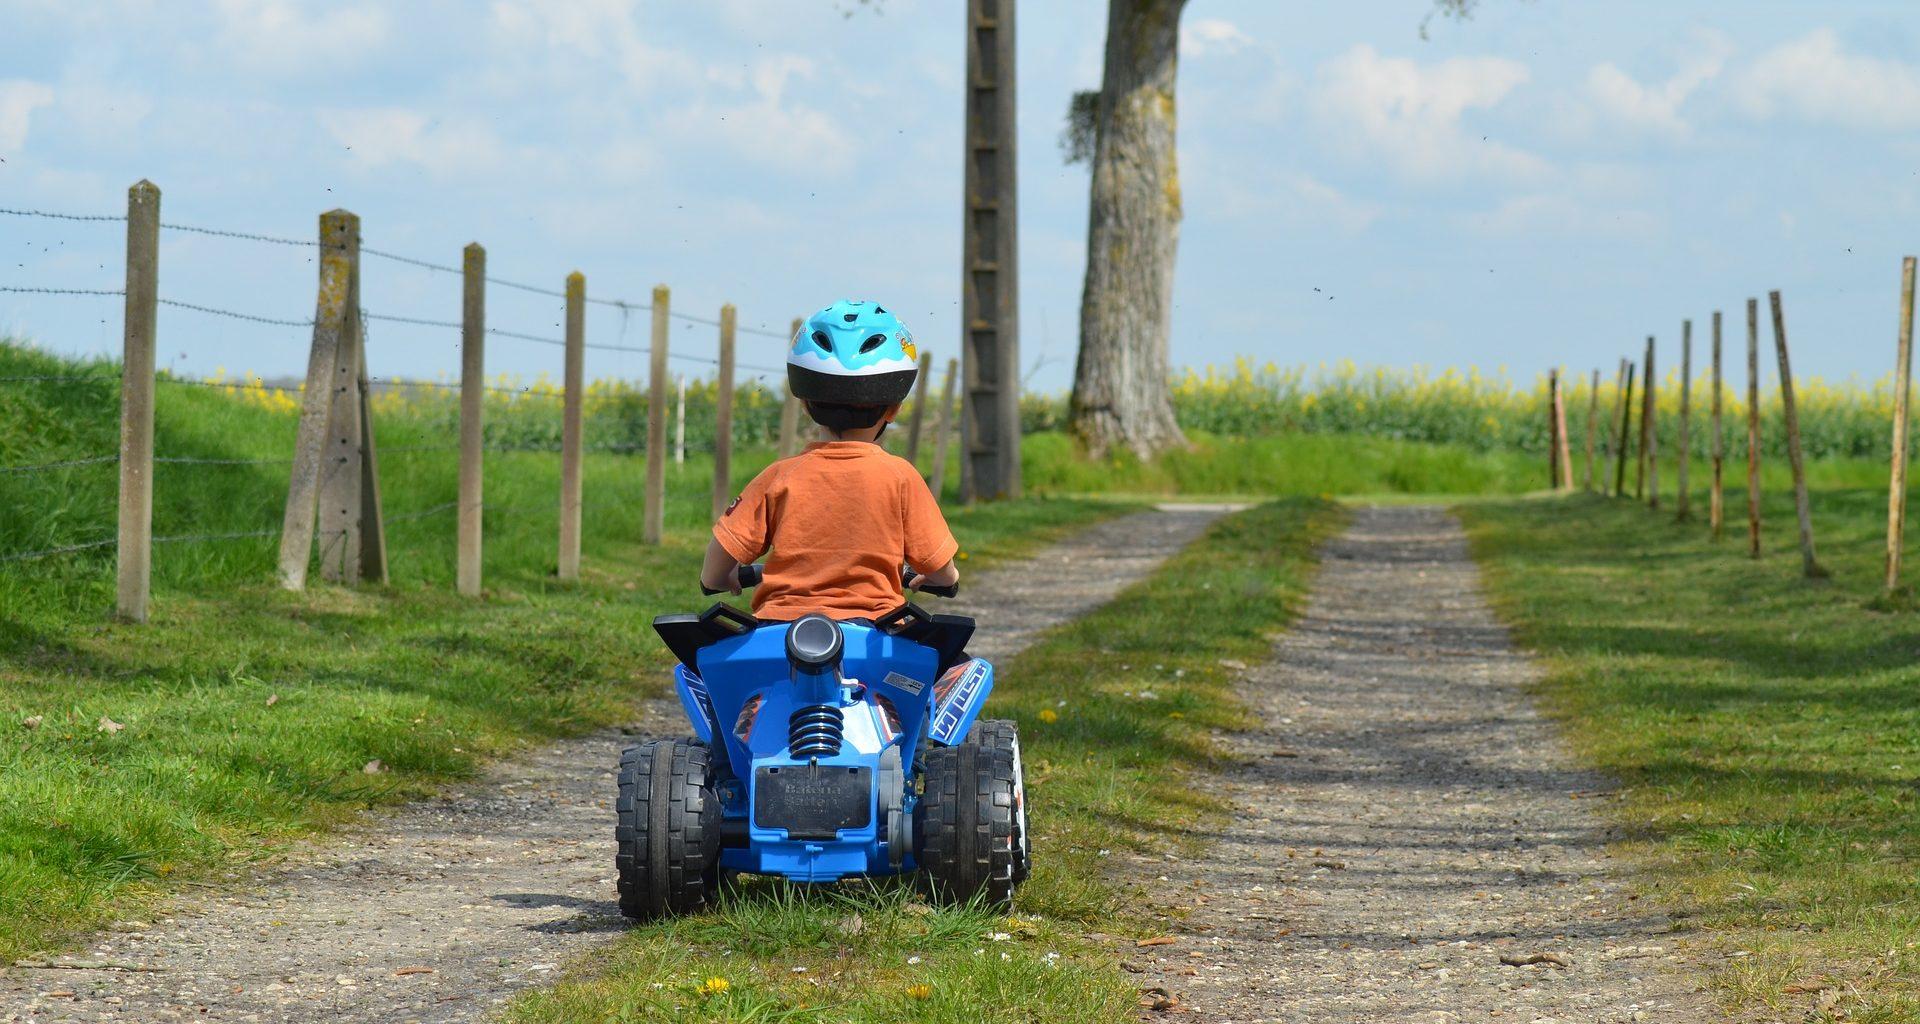 Нужны ли права на детский квадроцикл?